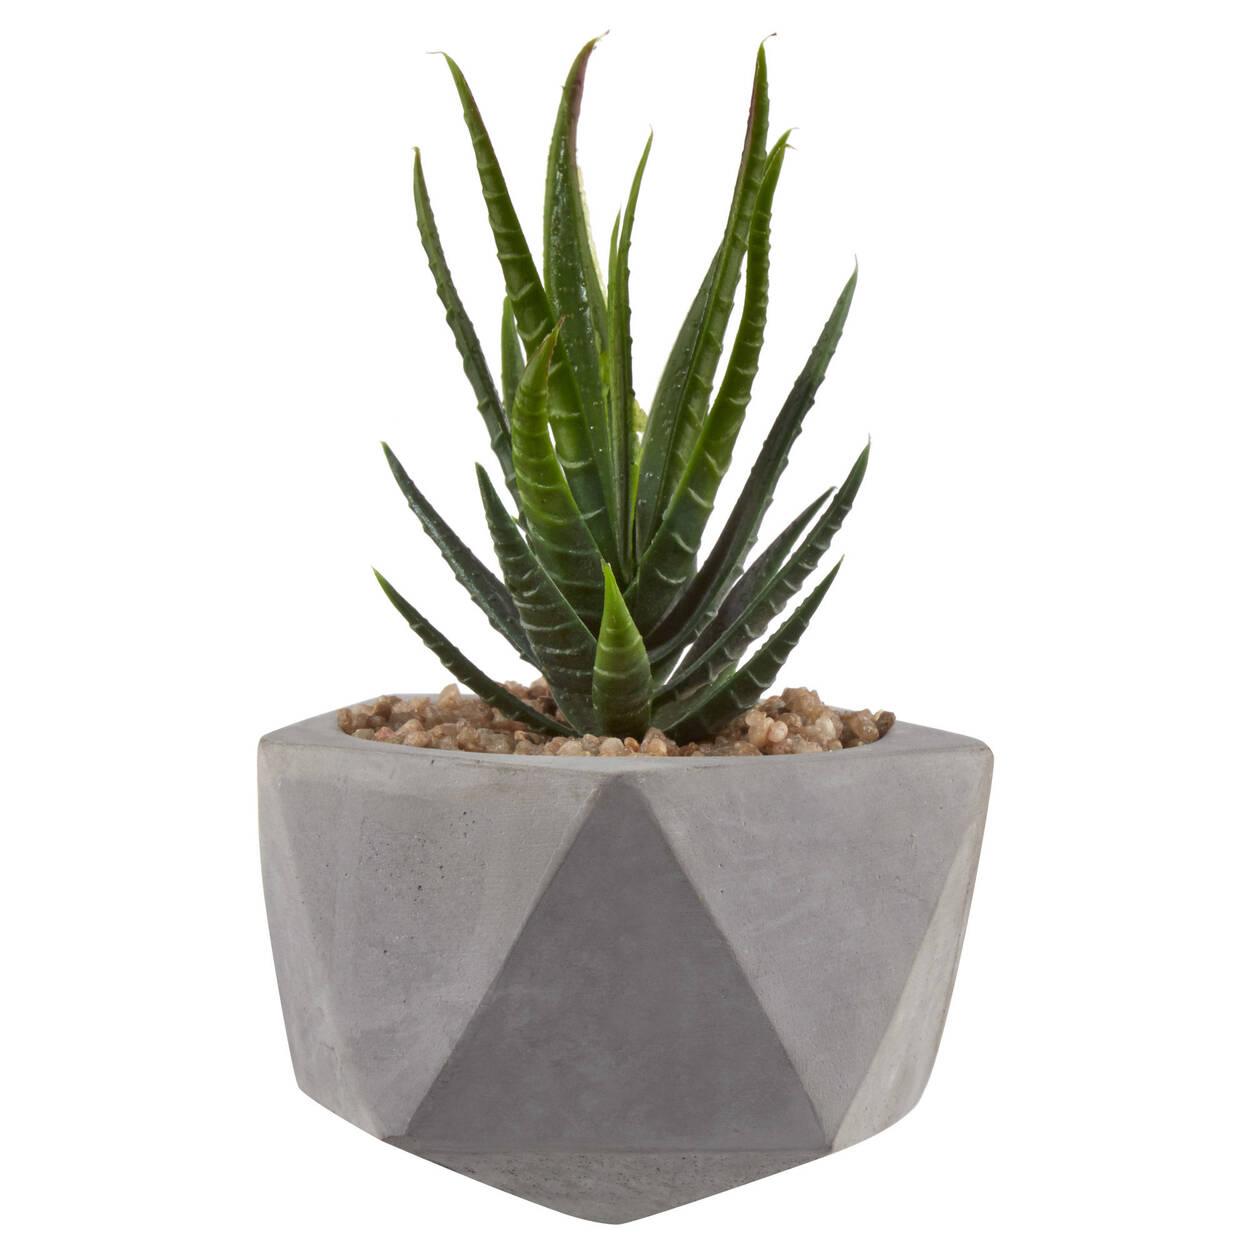 Plante grasse avec pot en ciment g om trique - Deco plante grasse ...